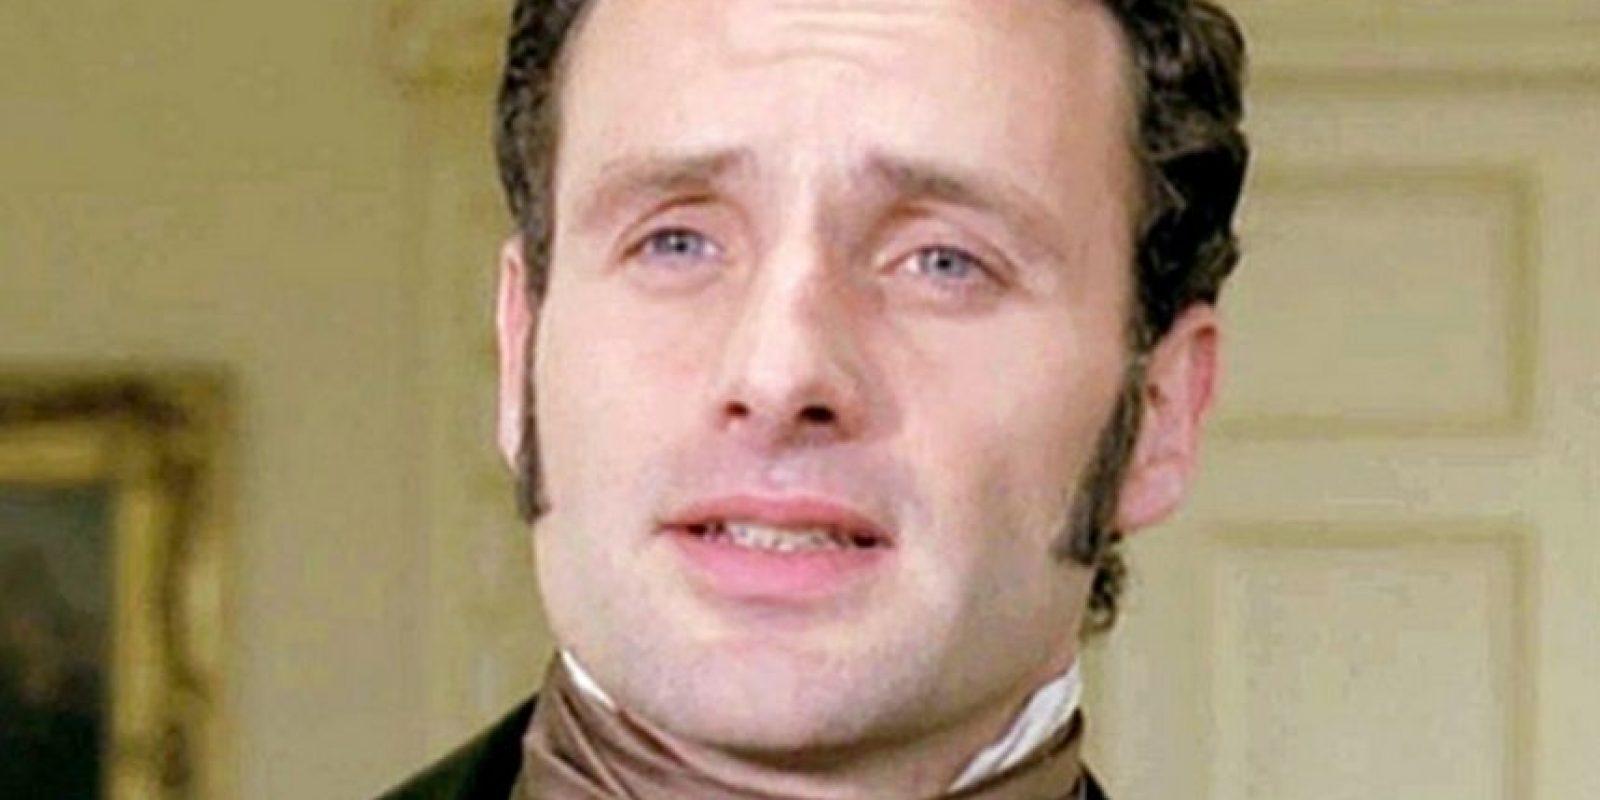 """En 2003 Andrew Lincoln actuó en """"Love Actually"""" y en 2009 lo vimos en """"Cumbres borrascosas"""" Foto:Vía imdb.com"""